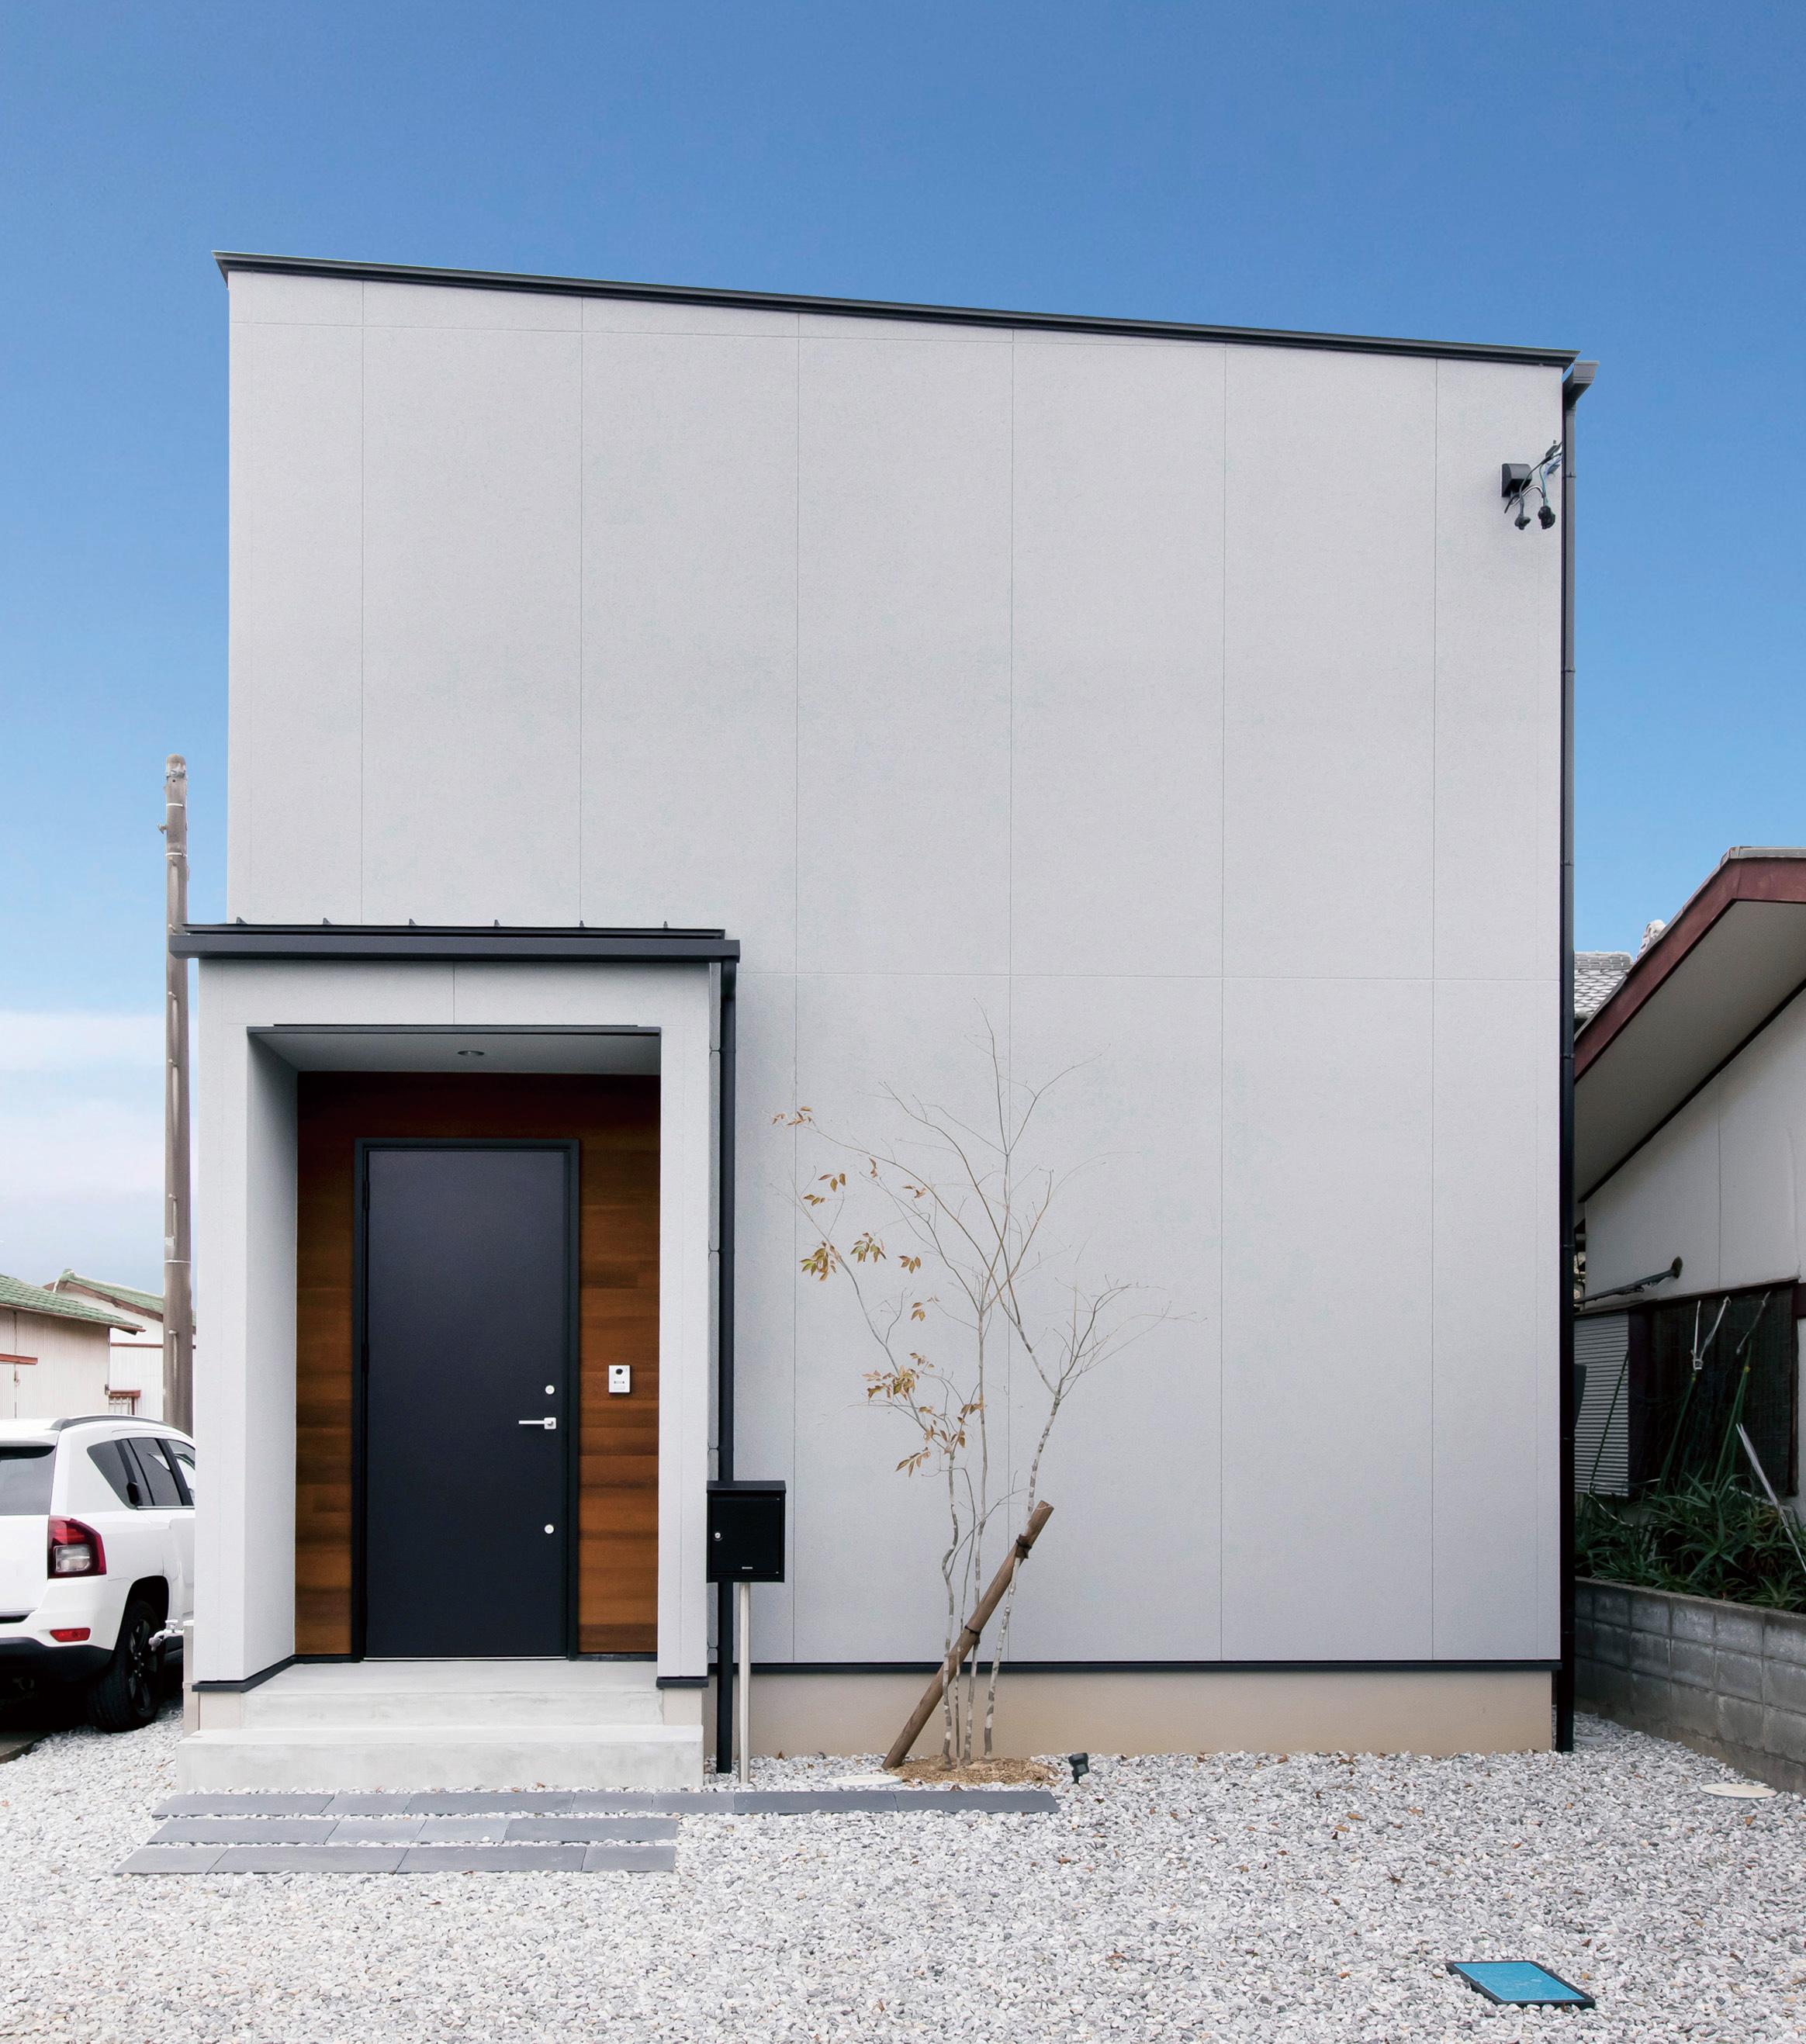 ライフスタイルの変化に対応できる余白のある住宅 画像1